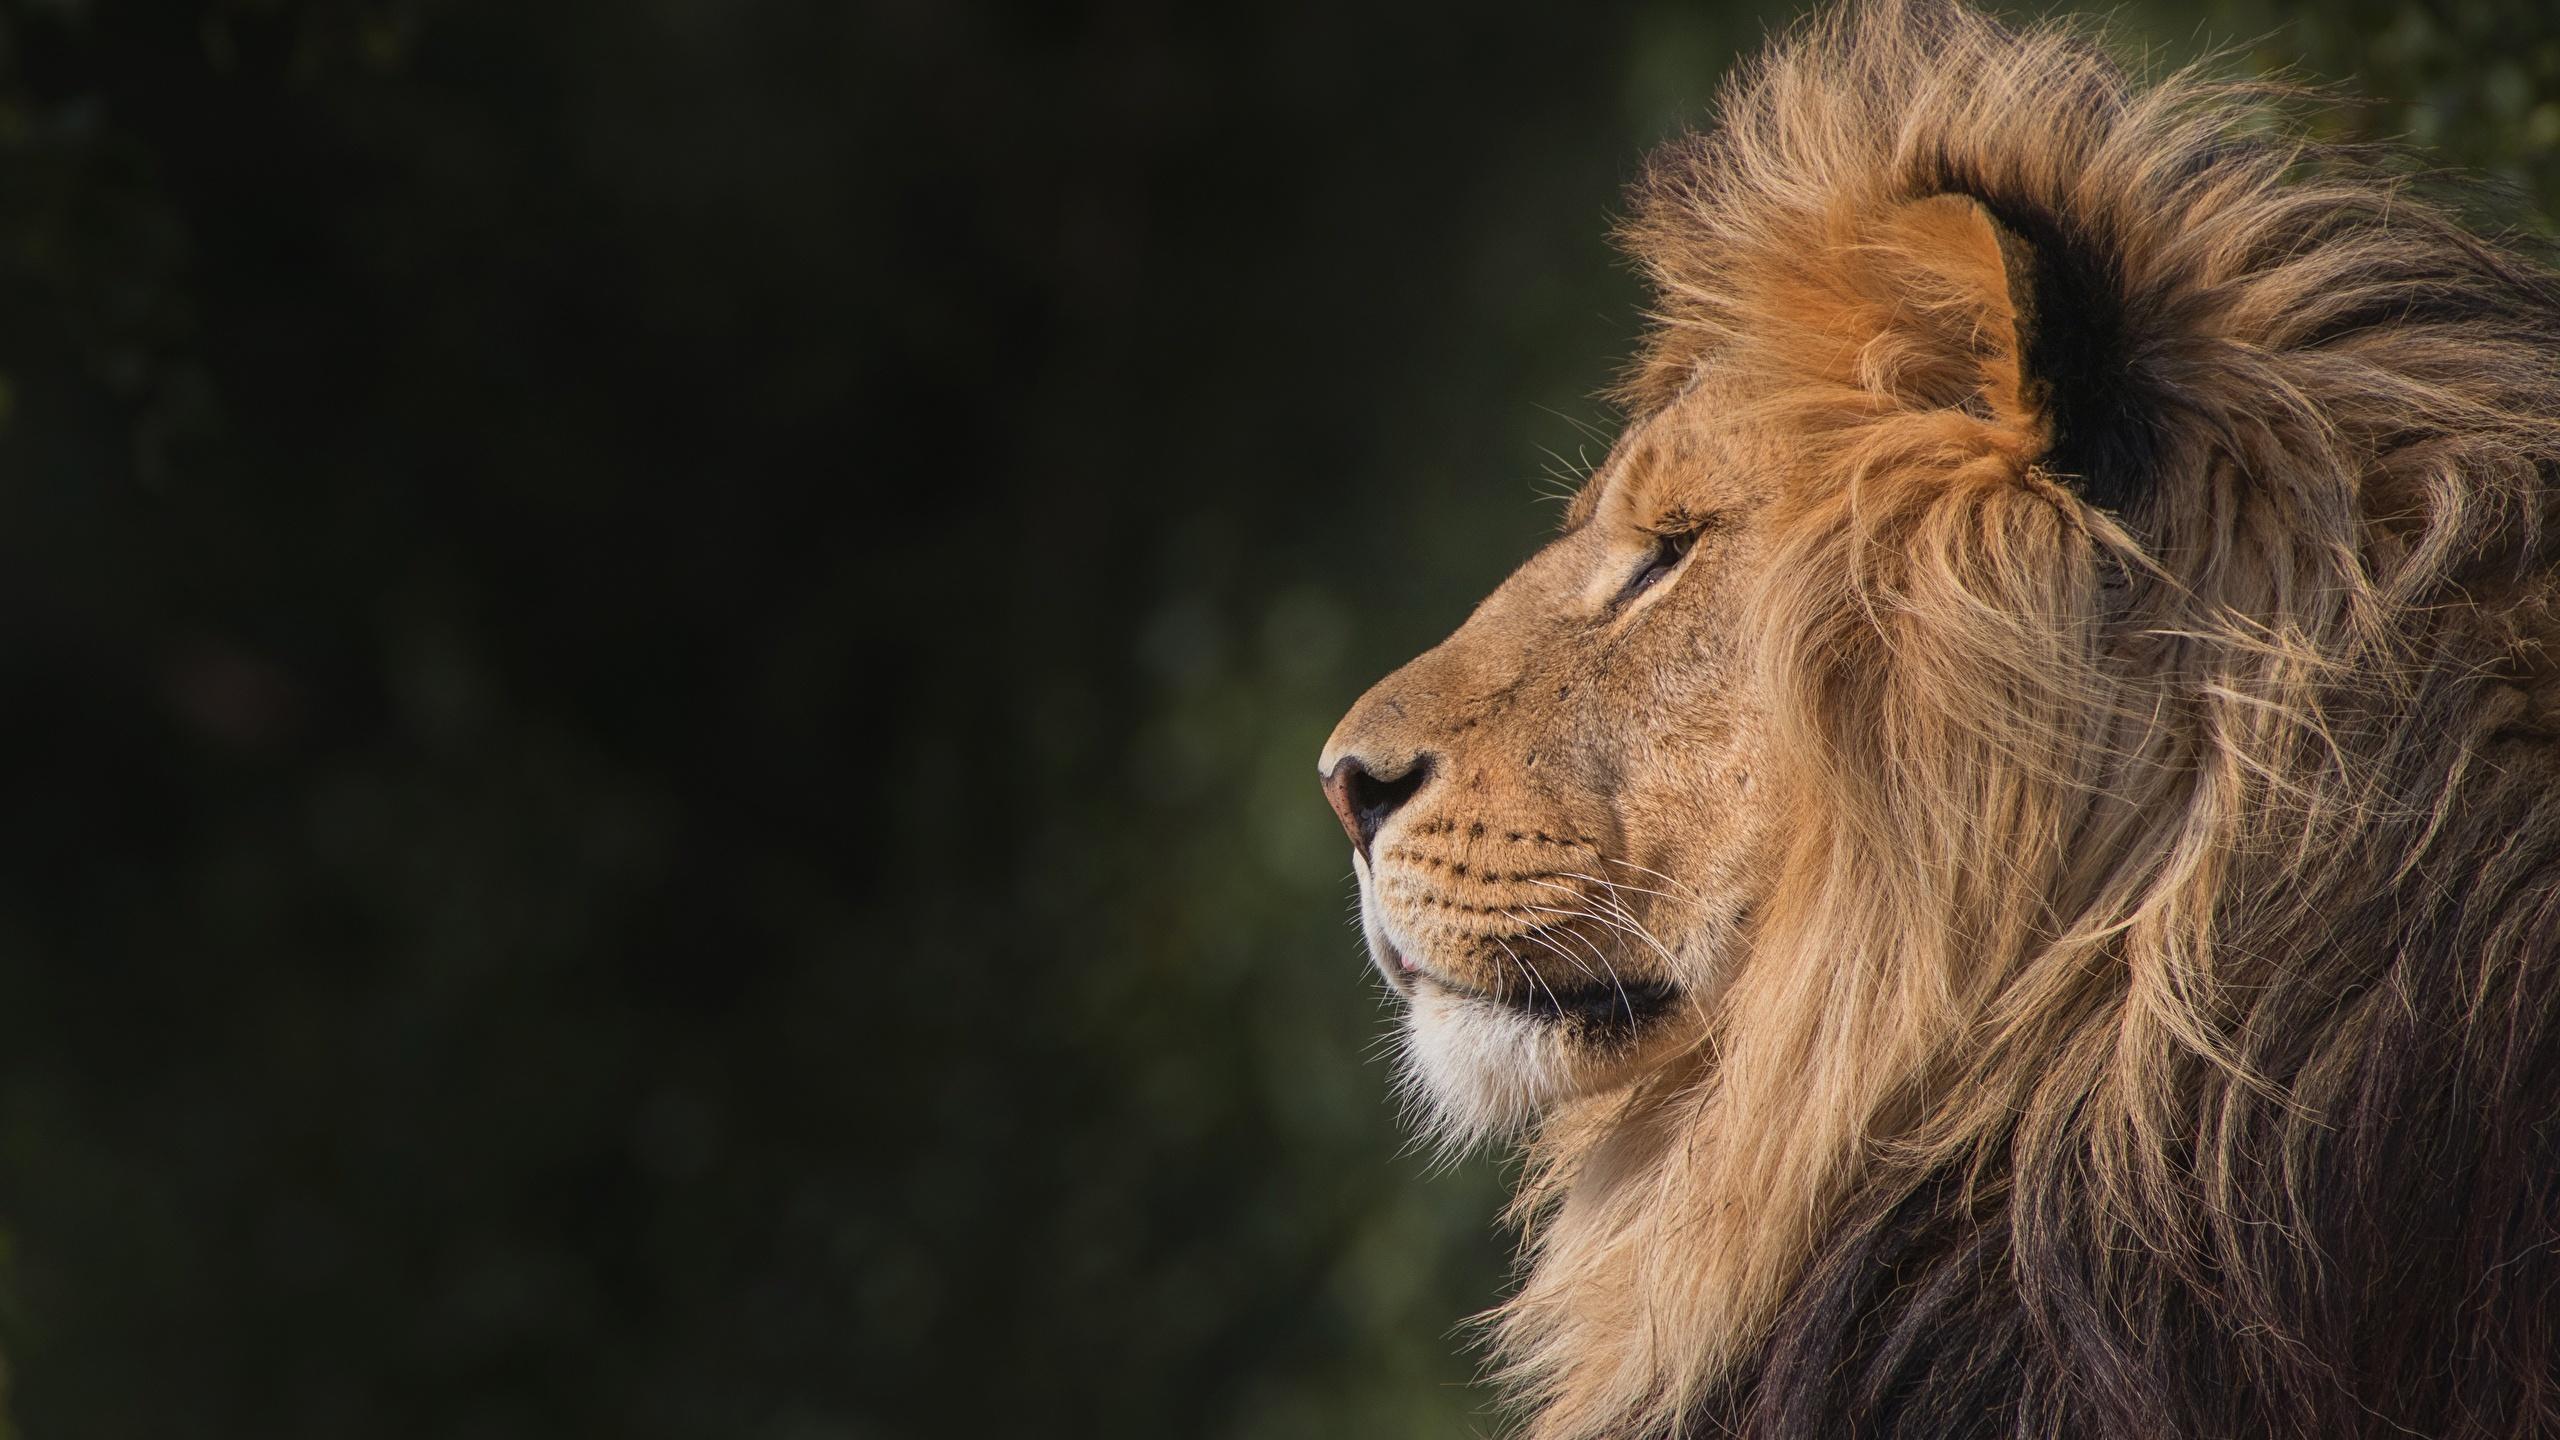 Fonds Decran 2560x1440 Lions Animaux Télécharger Photo